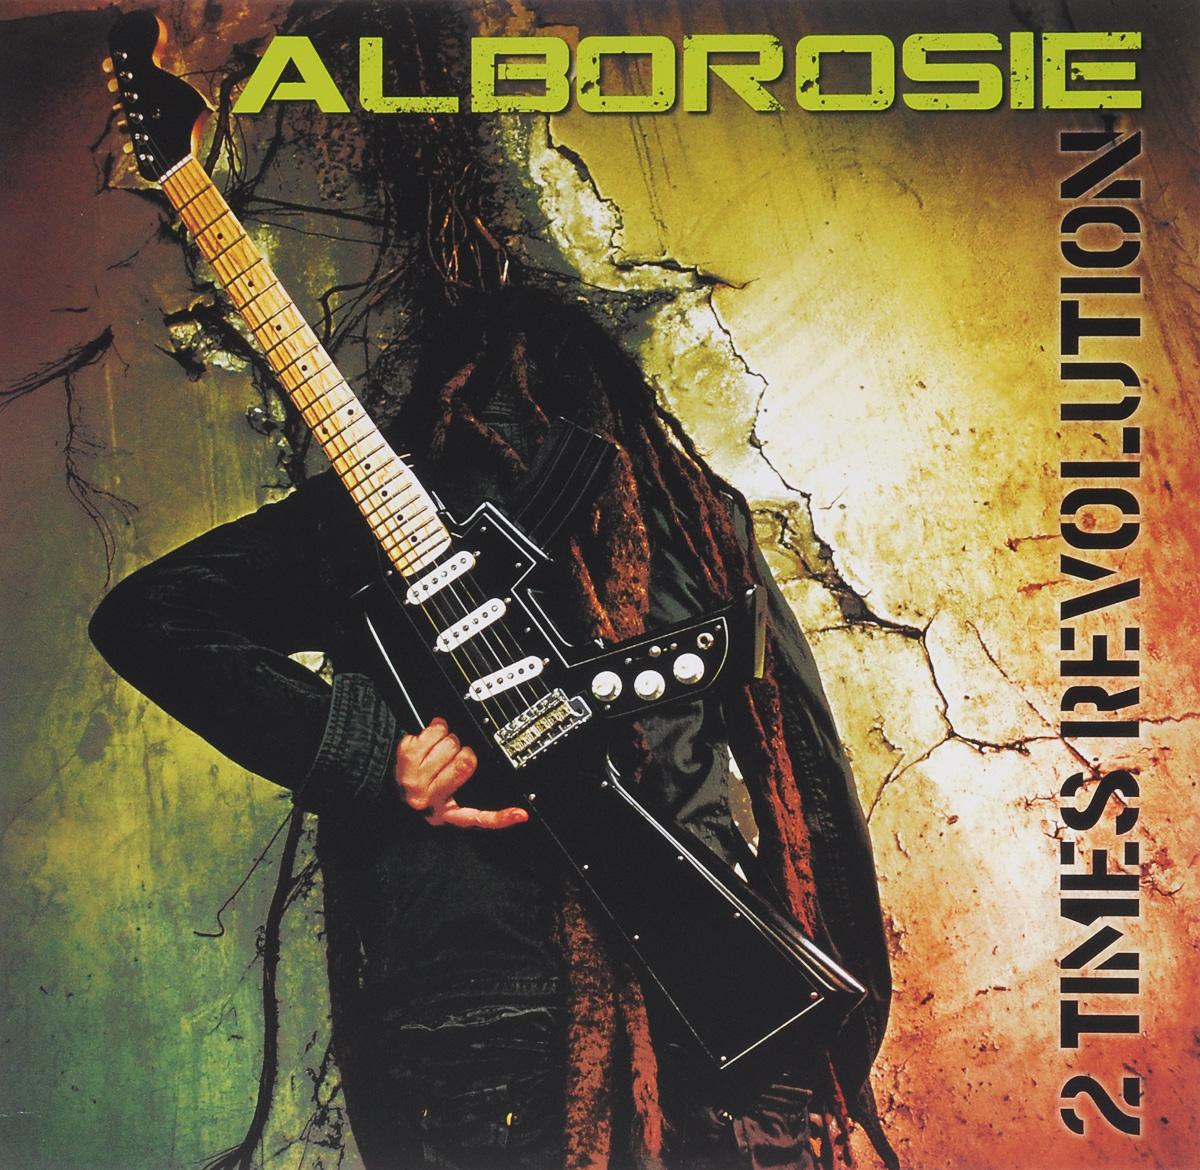 Alborosie Alborosie. 2 Times Revolution (LP) alborosie alborosie sound the system showcase limited edition 5 lp